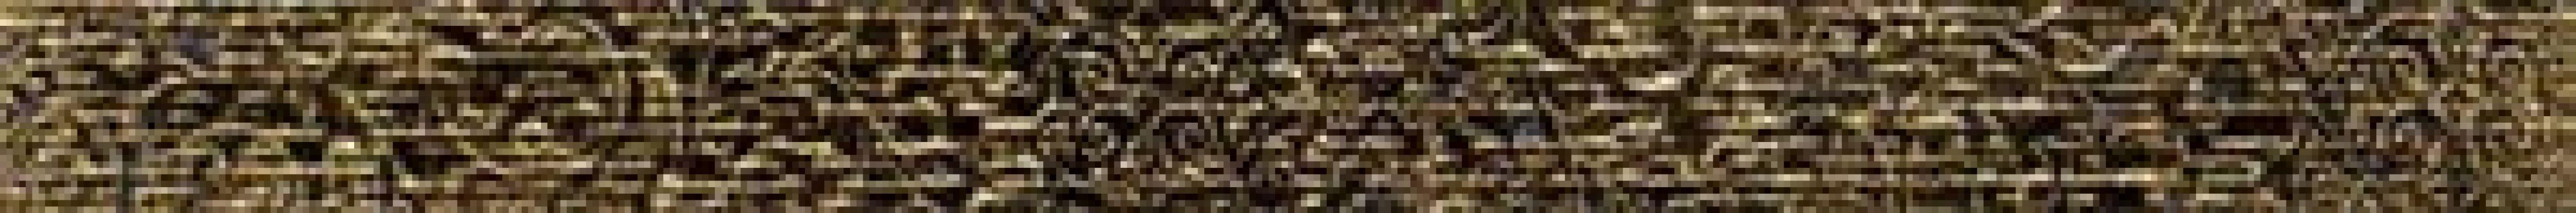 Emboss Gold 7x100